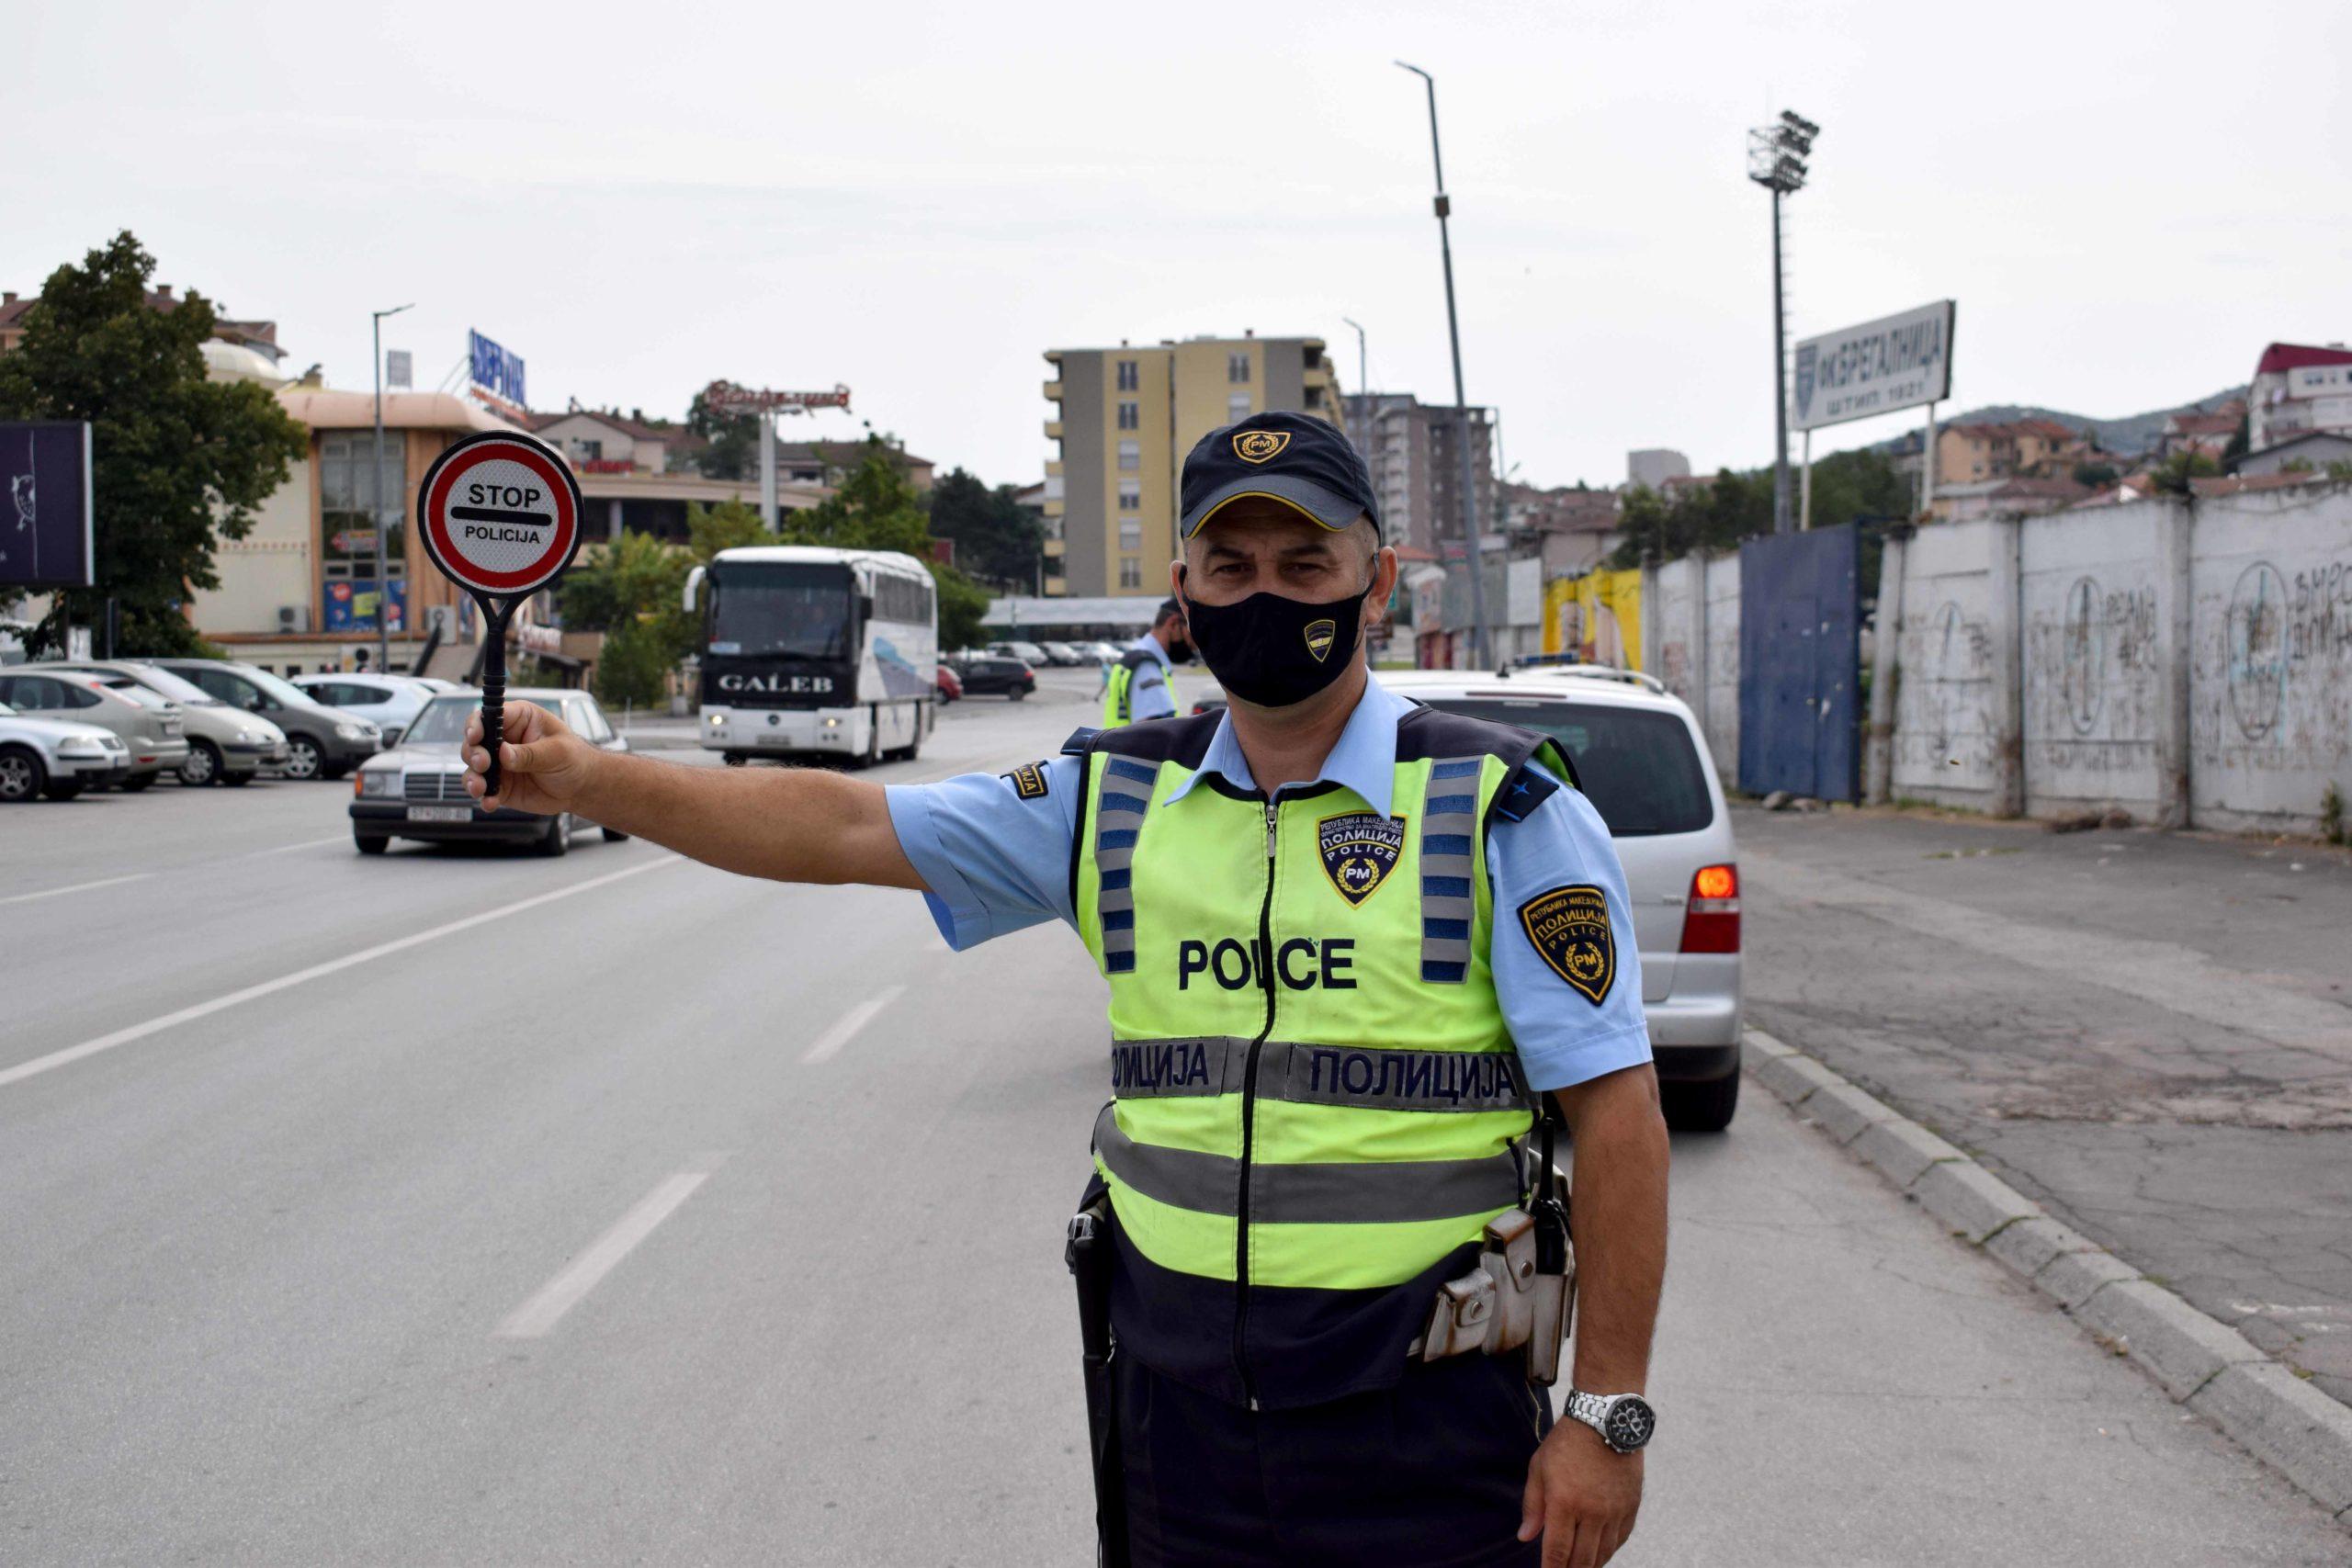 İştip'te 1 saatte 50 trafik cezası kesildi